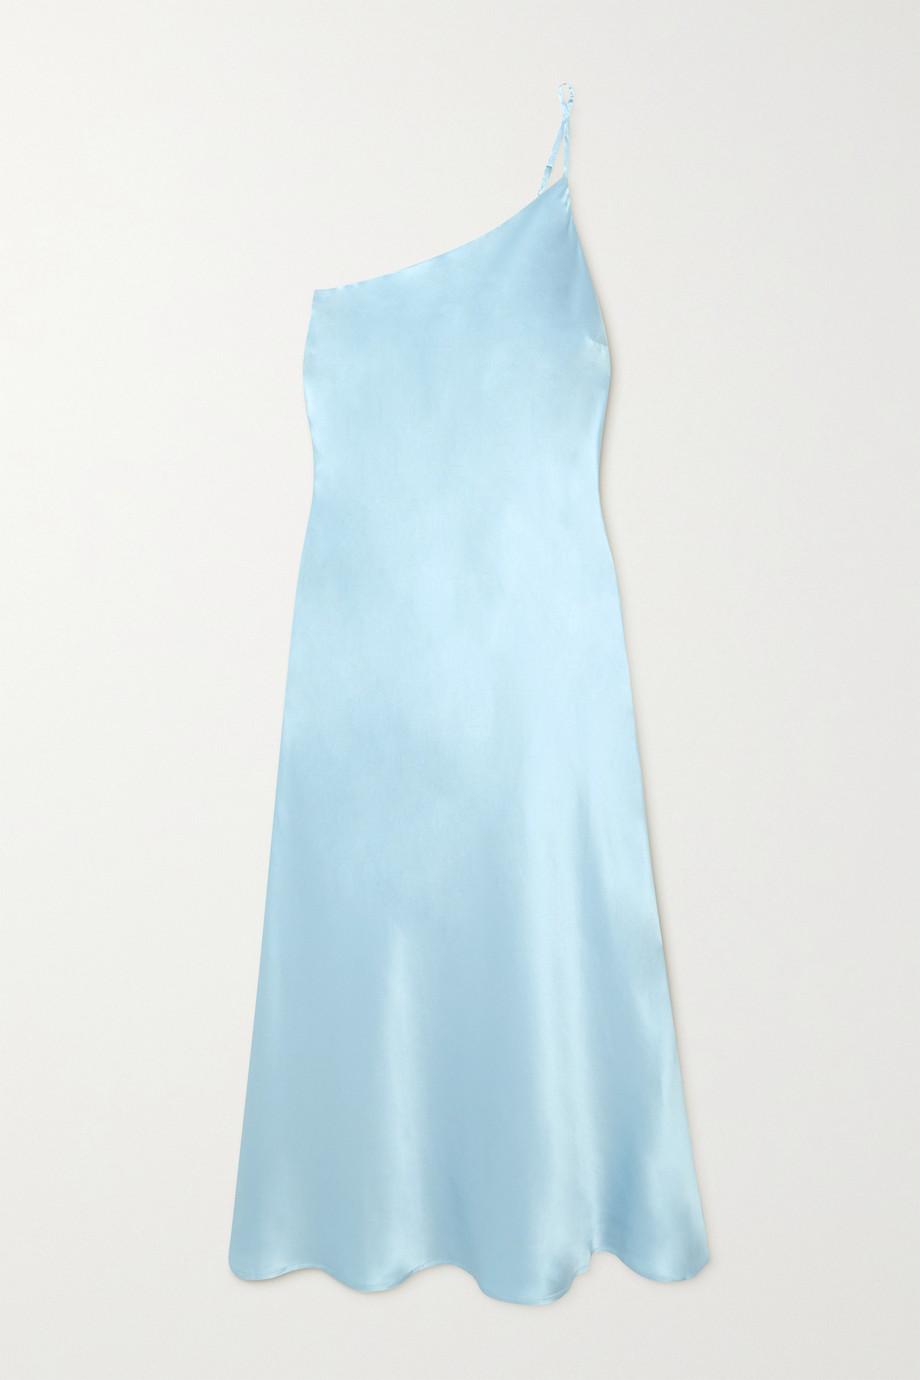 Maison Essentiele Lucile Nachthemd aus Seidensatin mit asymmetrischer Schulterpartie